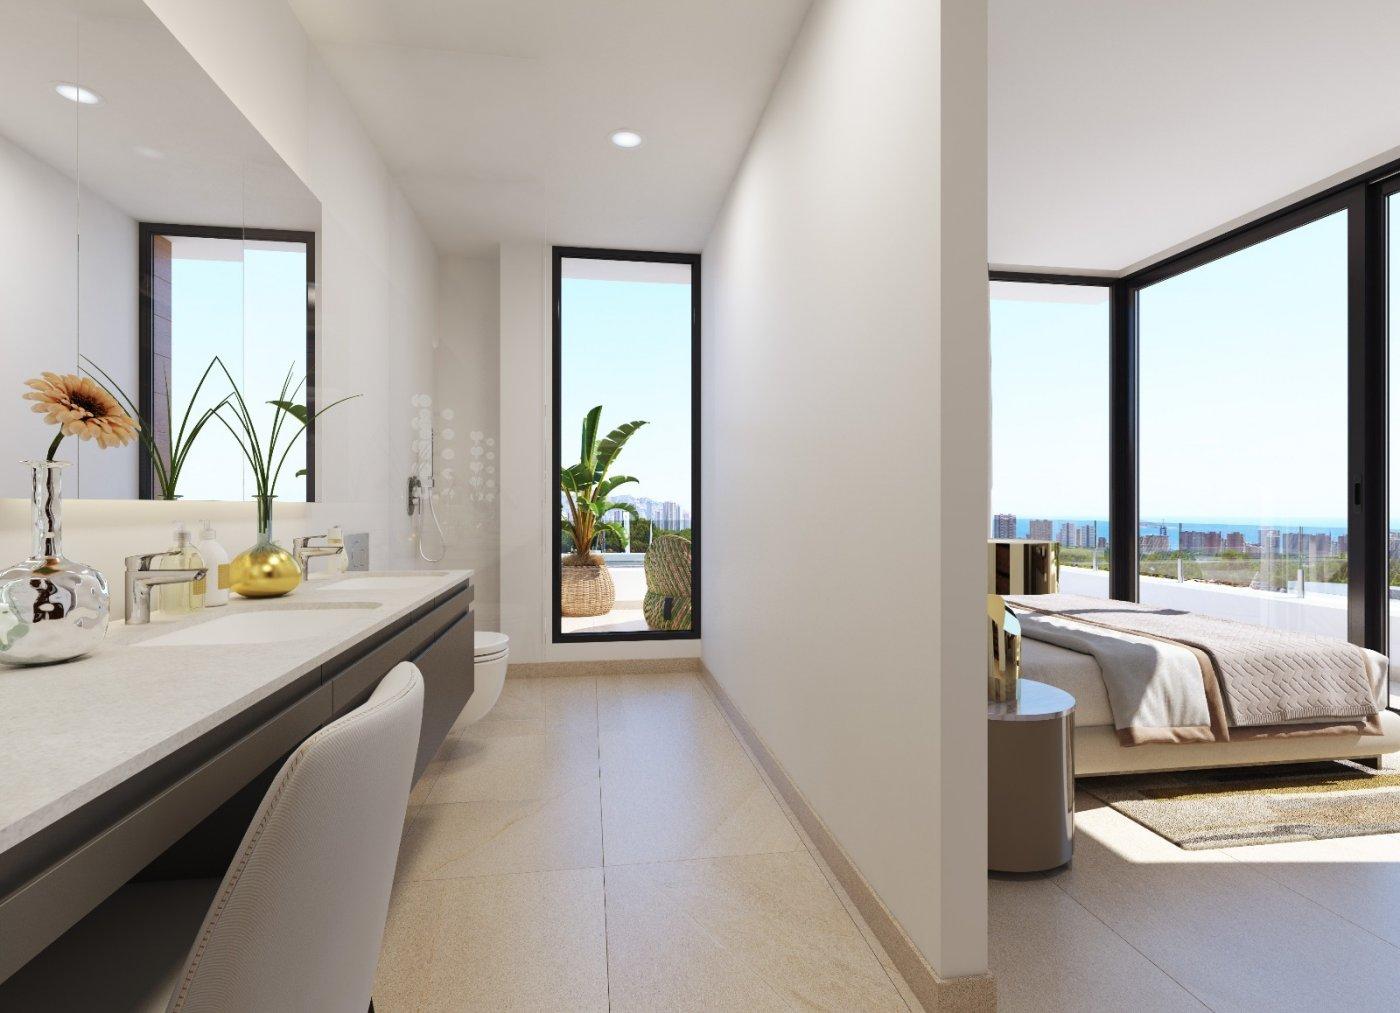 Villas de obra nueva modernas con vistas al mar en sierra cortina - imagenInmueble13